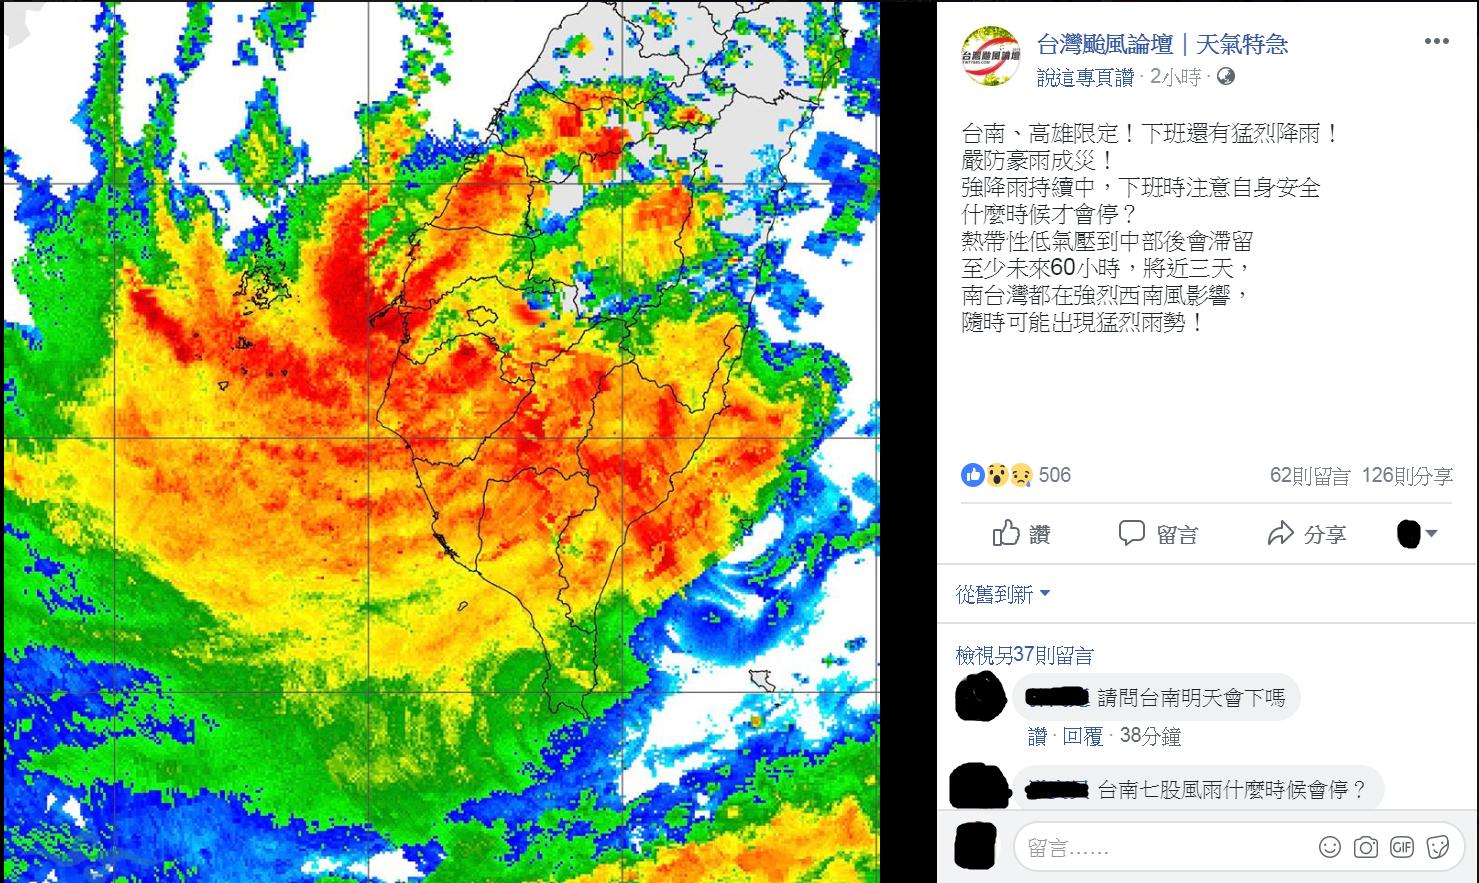 圖/翻攝自台灣颱風論壇 天氣特急臉書